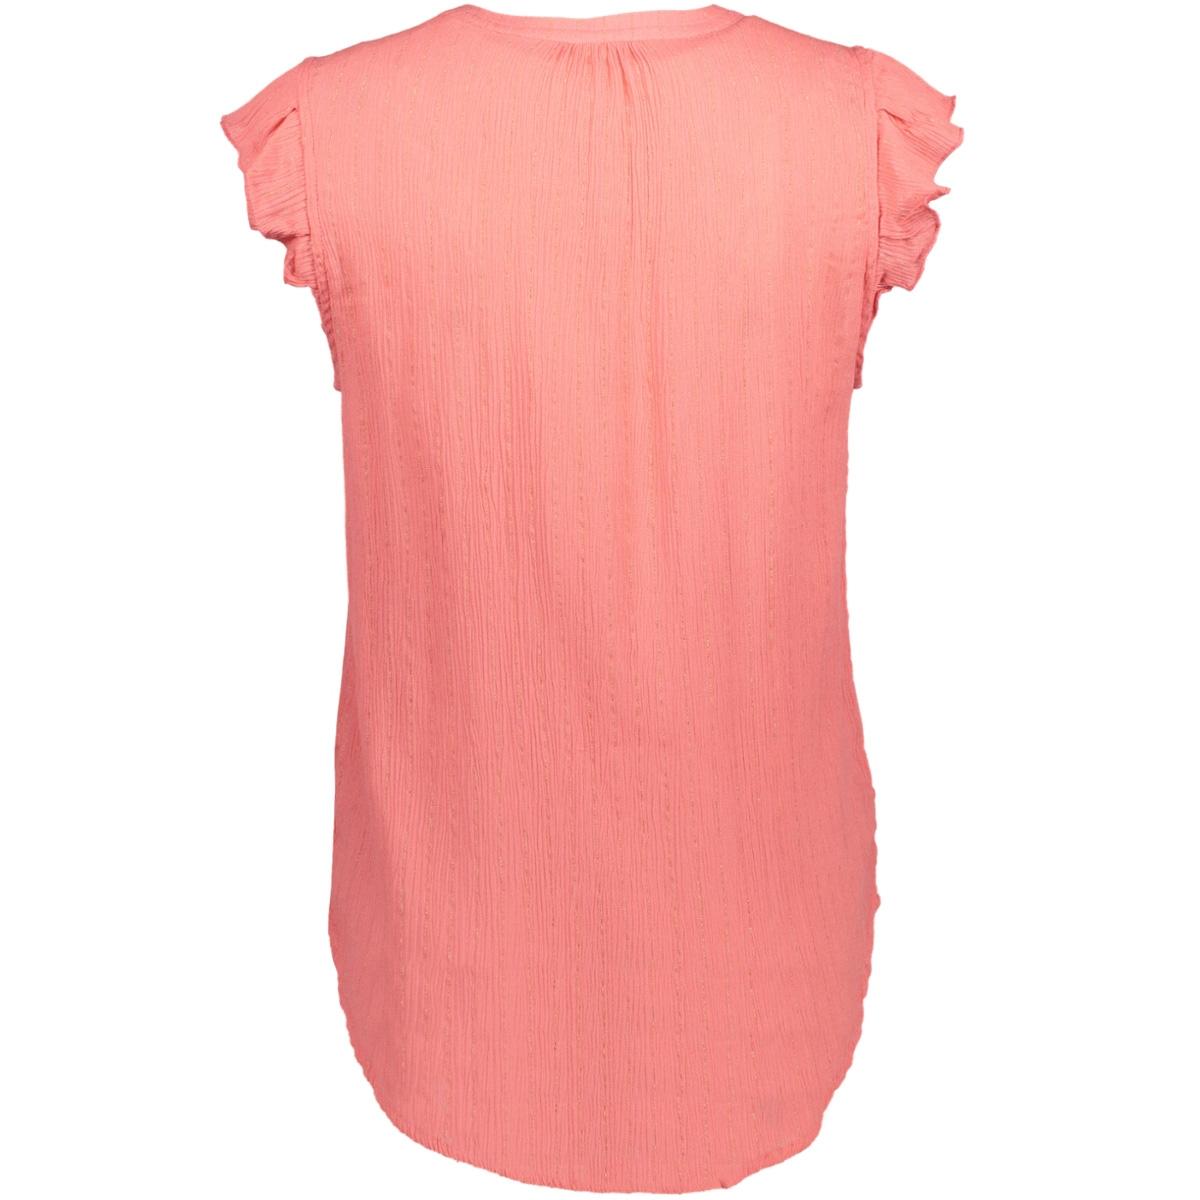 p1454 saint tropez blouse 7303